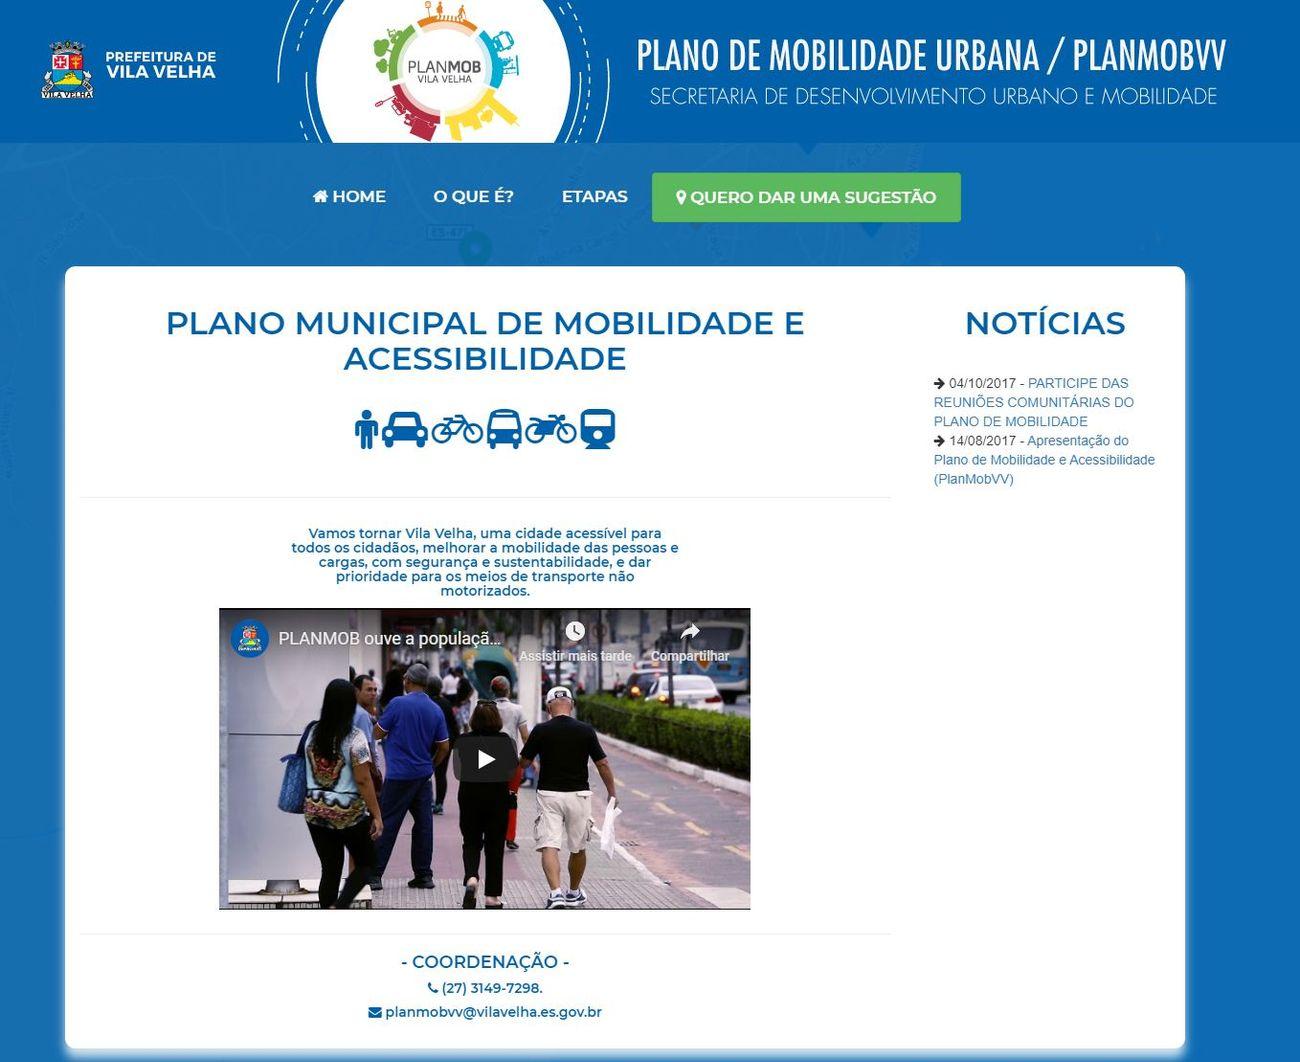 Outras informações podem ser obtidas no hotsite do PLANMOB VV no endereço: http://www.vilavelha.es.gov.br/planmobvv